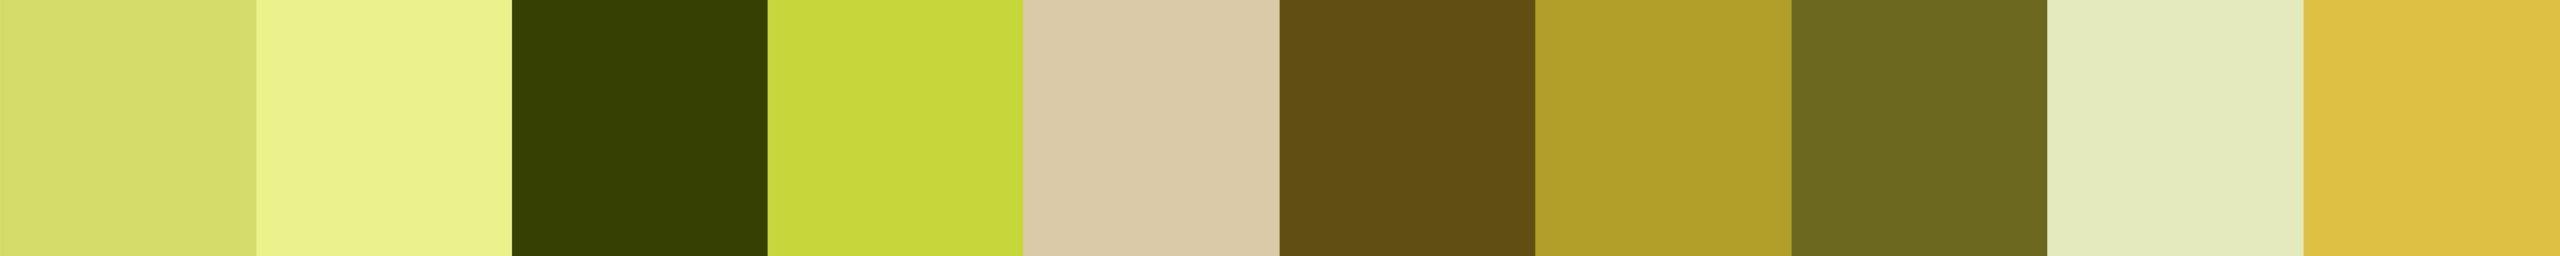 671 Systrata Color Palette